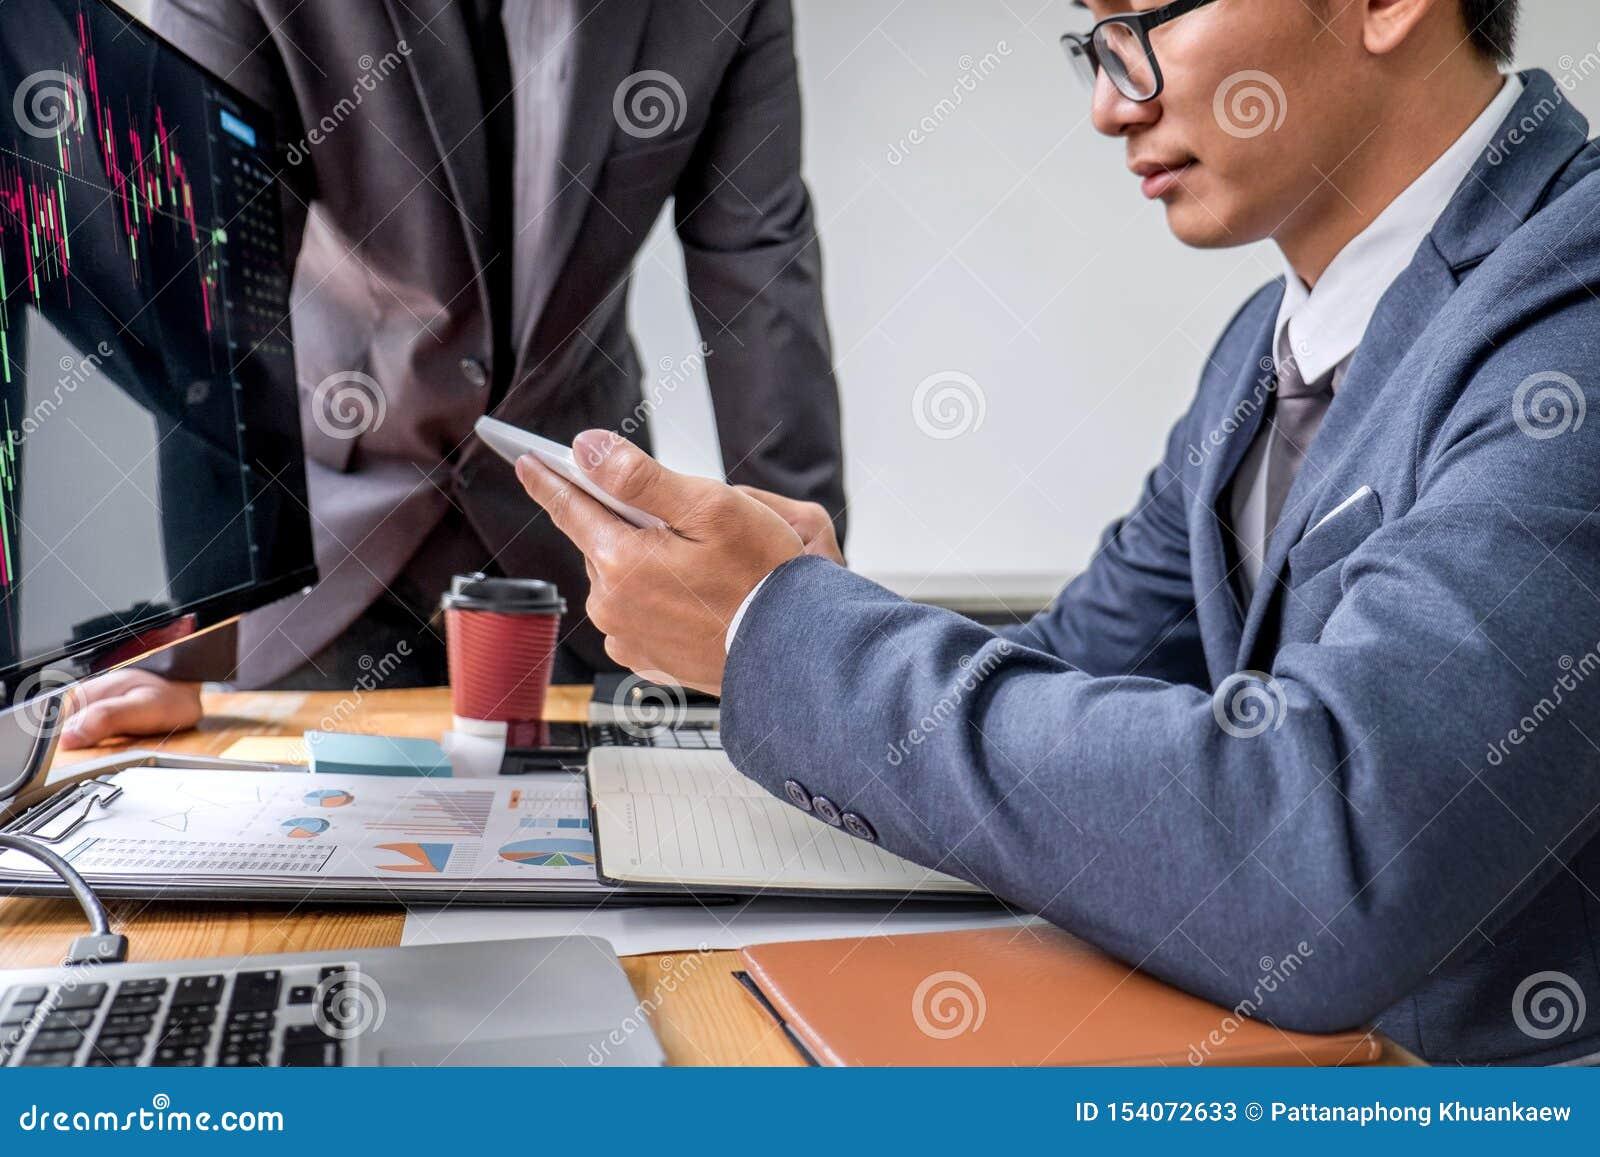 Συνεργάτης επιχειρησιακών ομάδων που εργάζεται με τον υπολογιστή, το lap-top, τη συζήτηση και την ανάλυση των εμπορικών συναλλαγώ